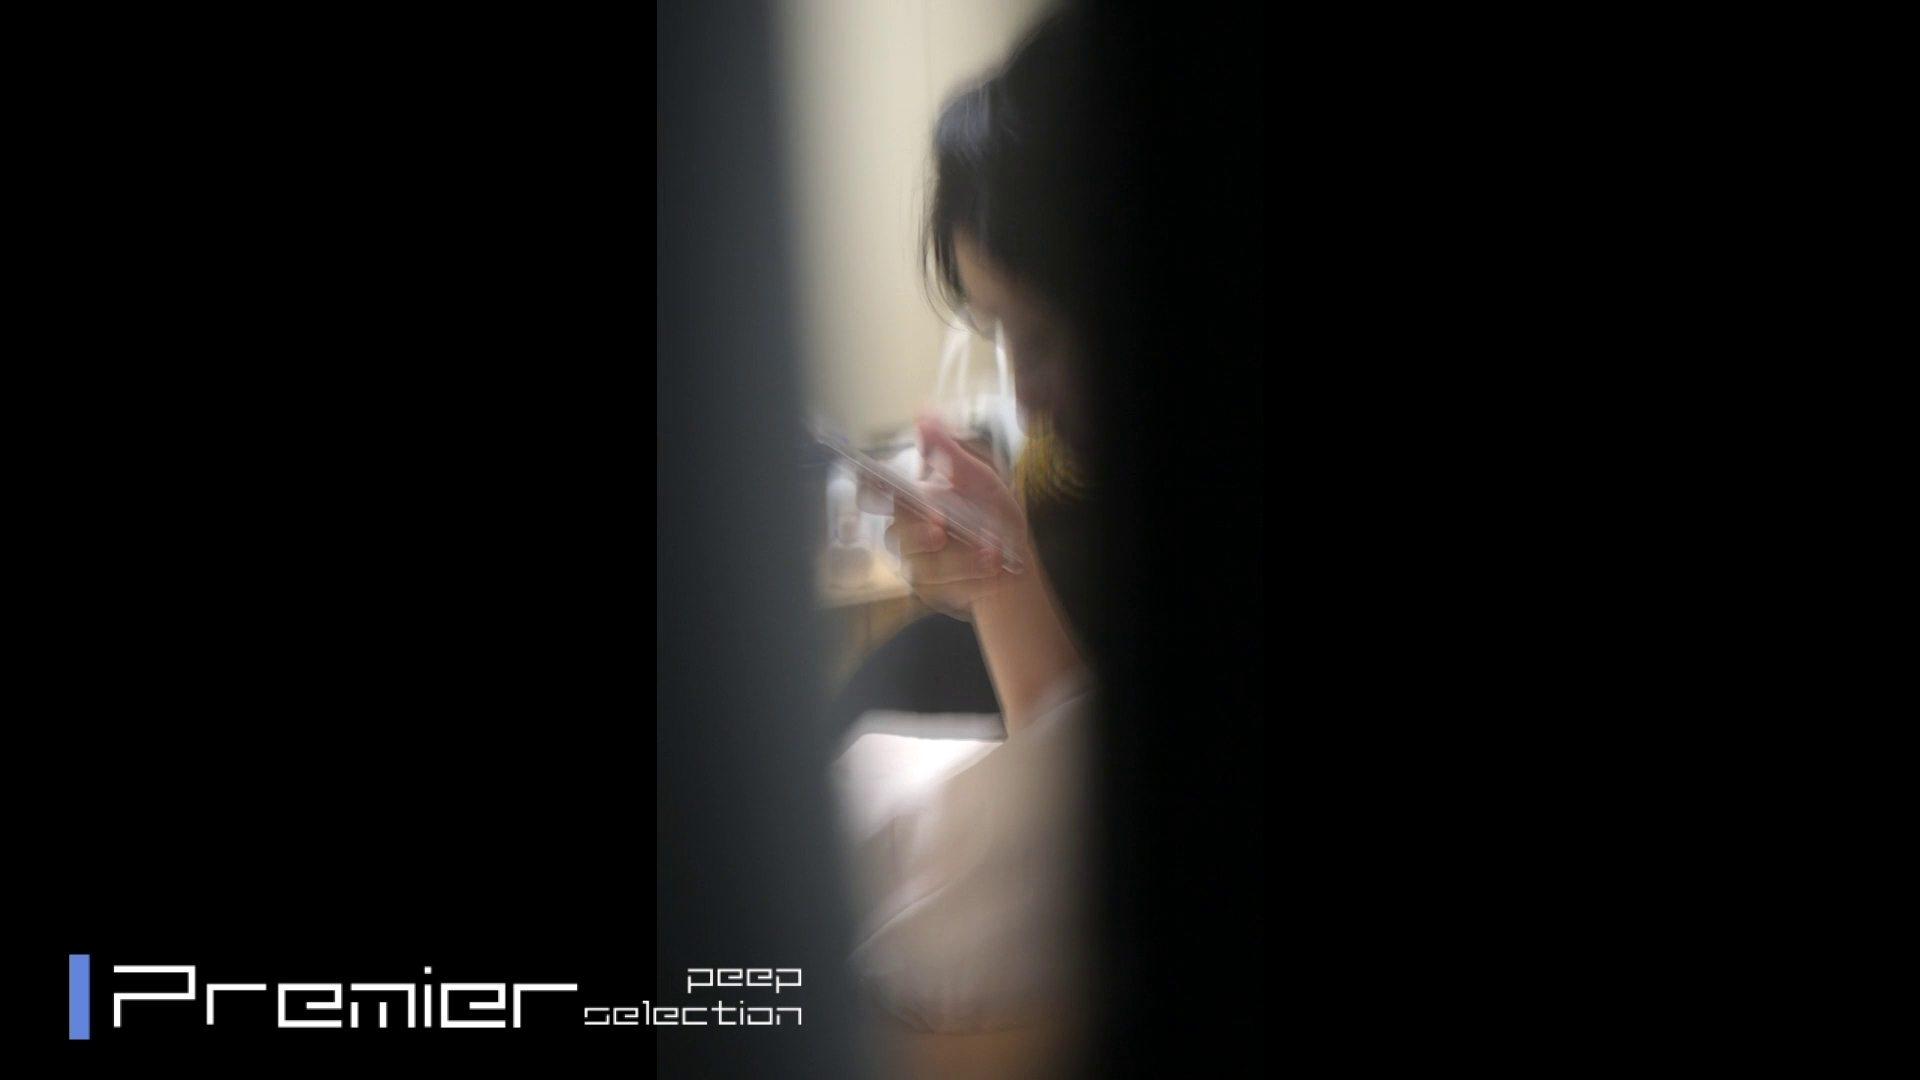 美女達の私生活に潜入!一人暮らし女子大生の部屋ヌード 女子大生達のヌード   潜入エロ調査  65連発 58